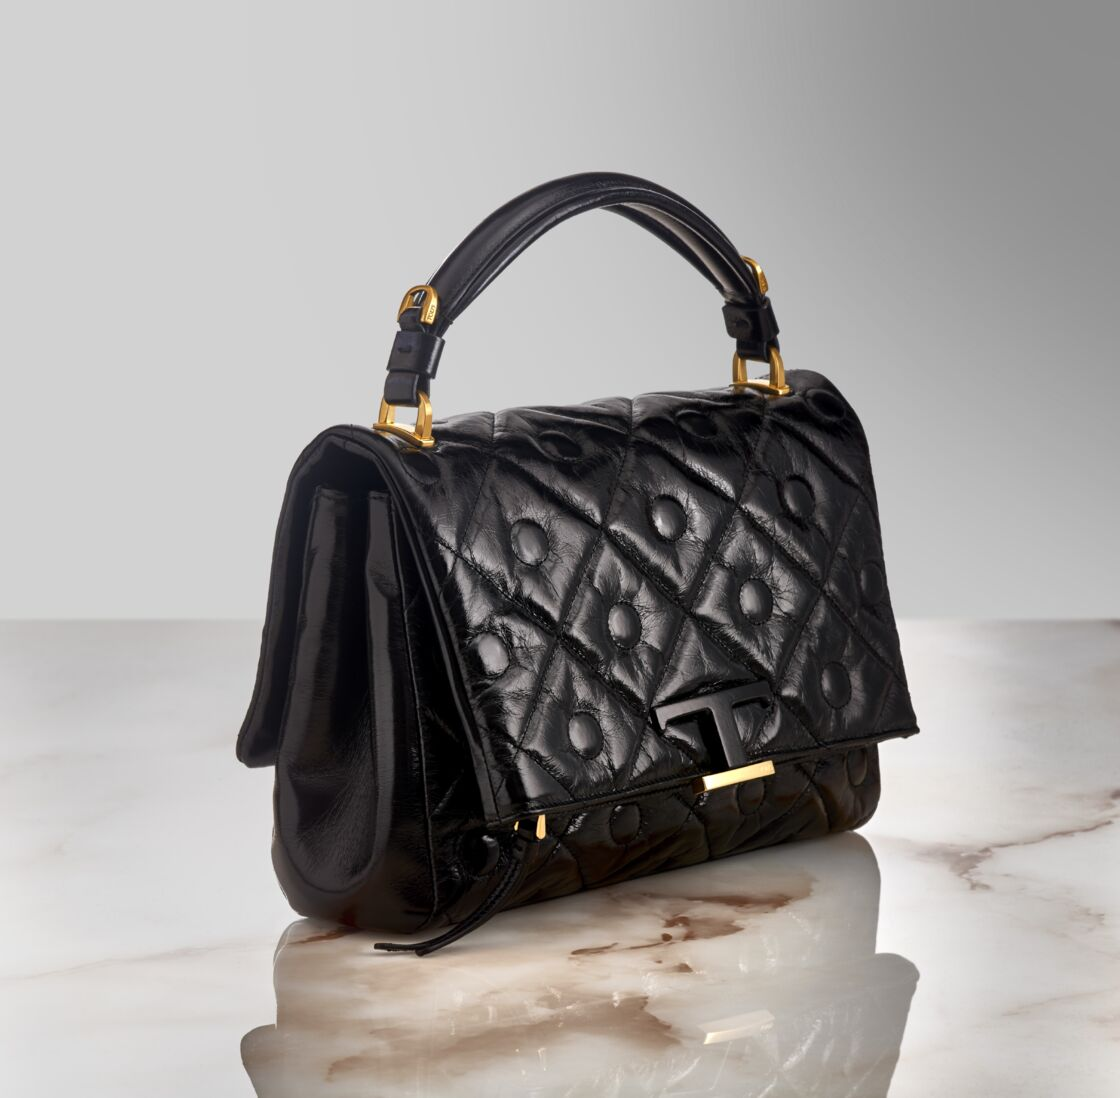 Le sac Signature de Tod's existe en 5 couleurs : framboise, noir, vert, bleu ciel et jaune, (1700 €).